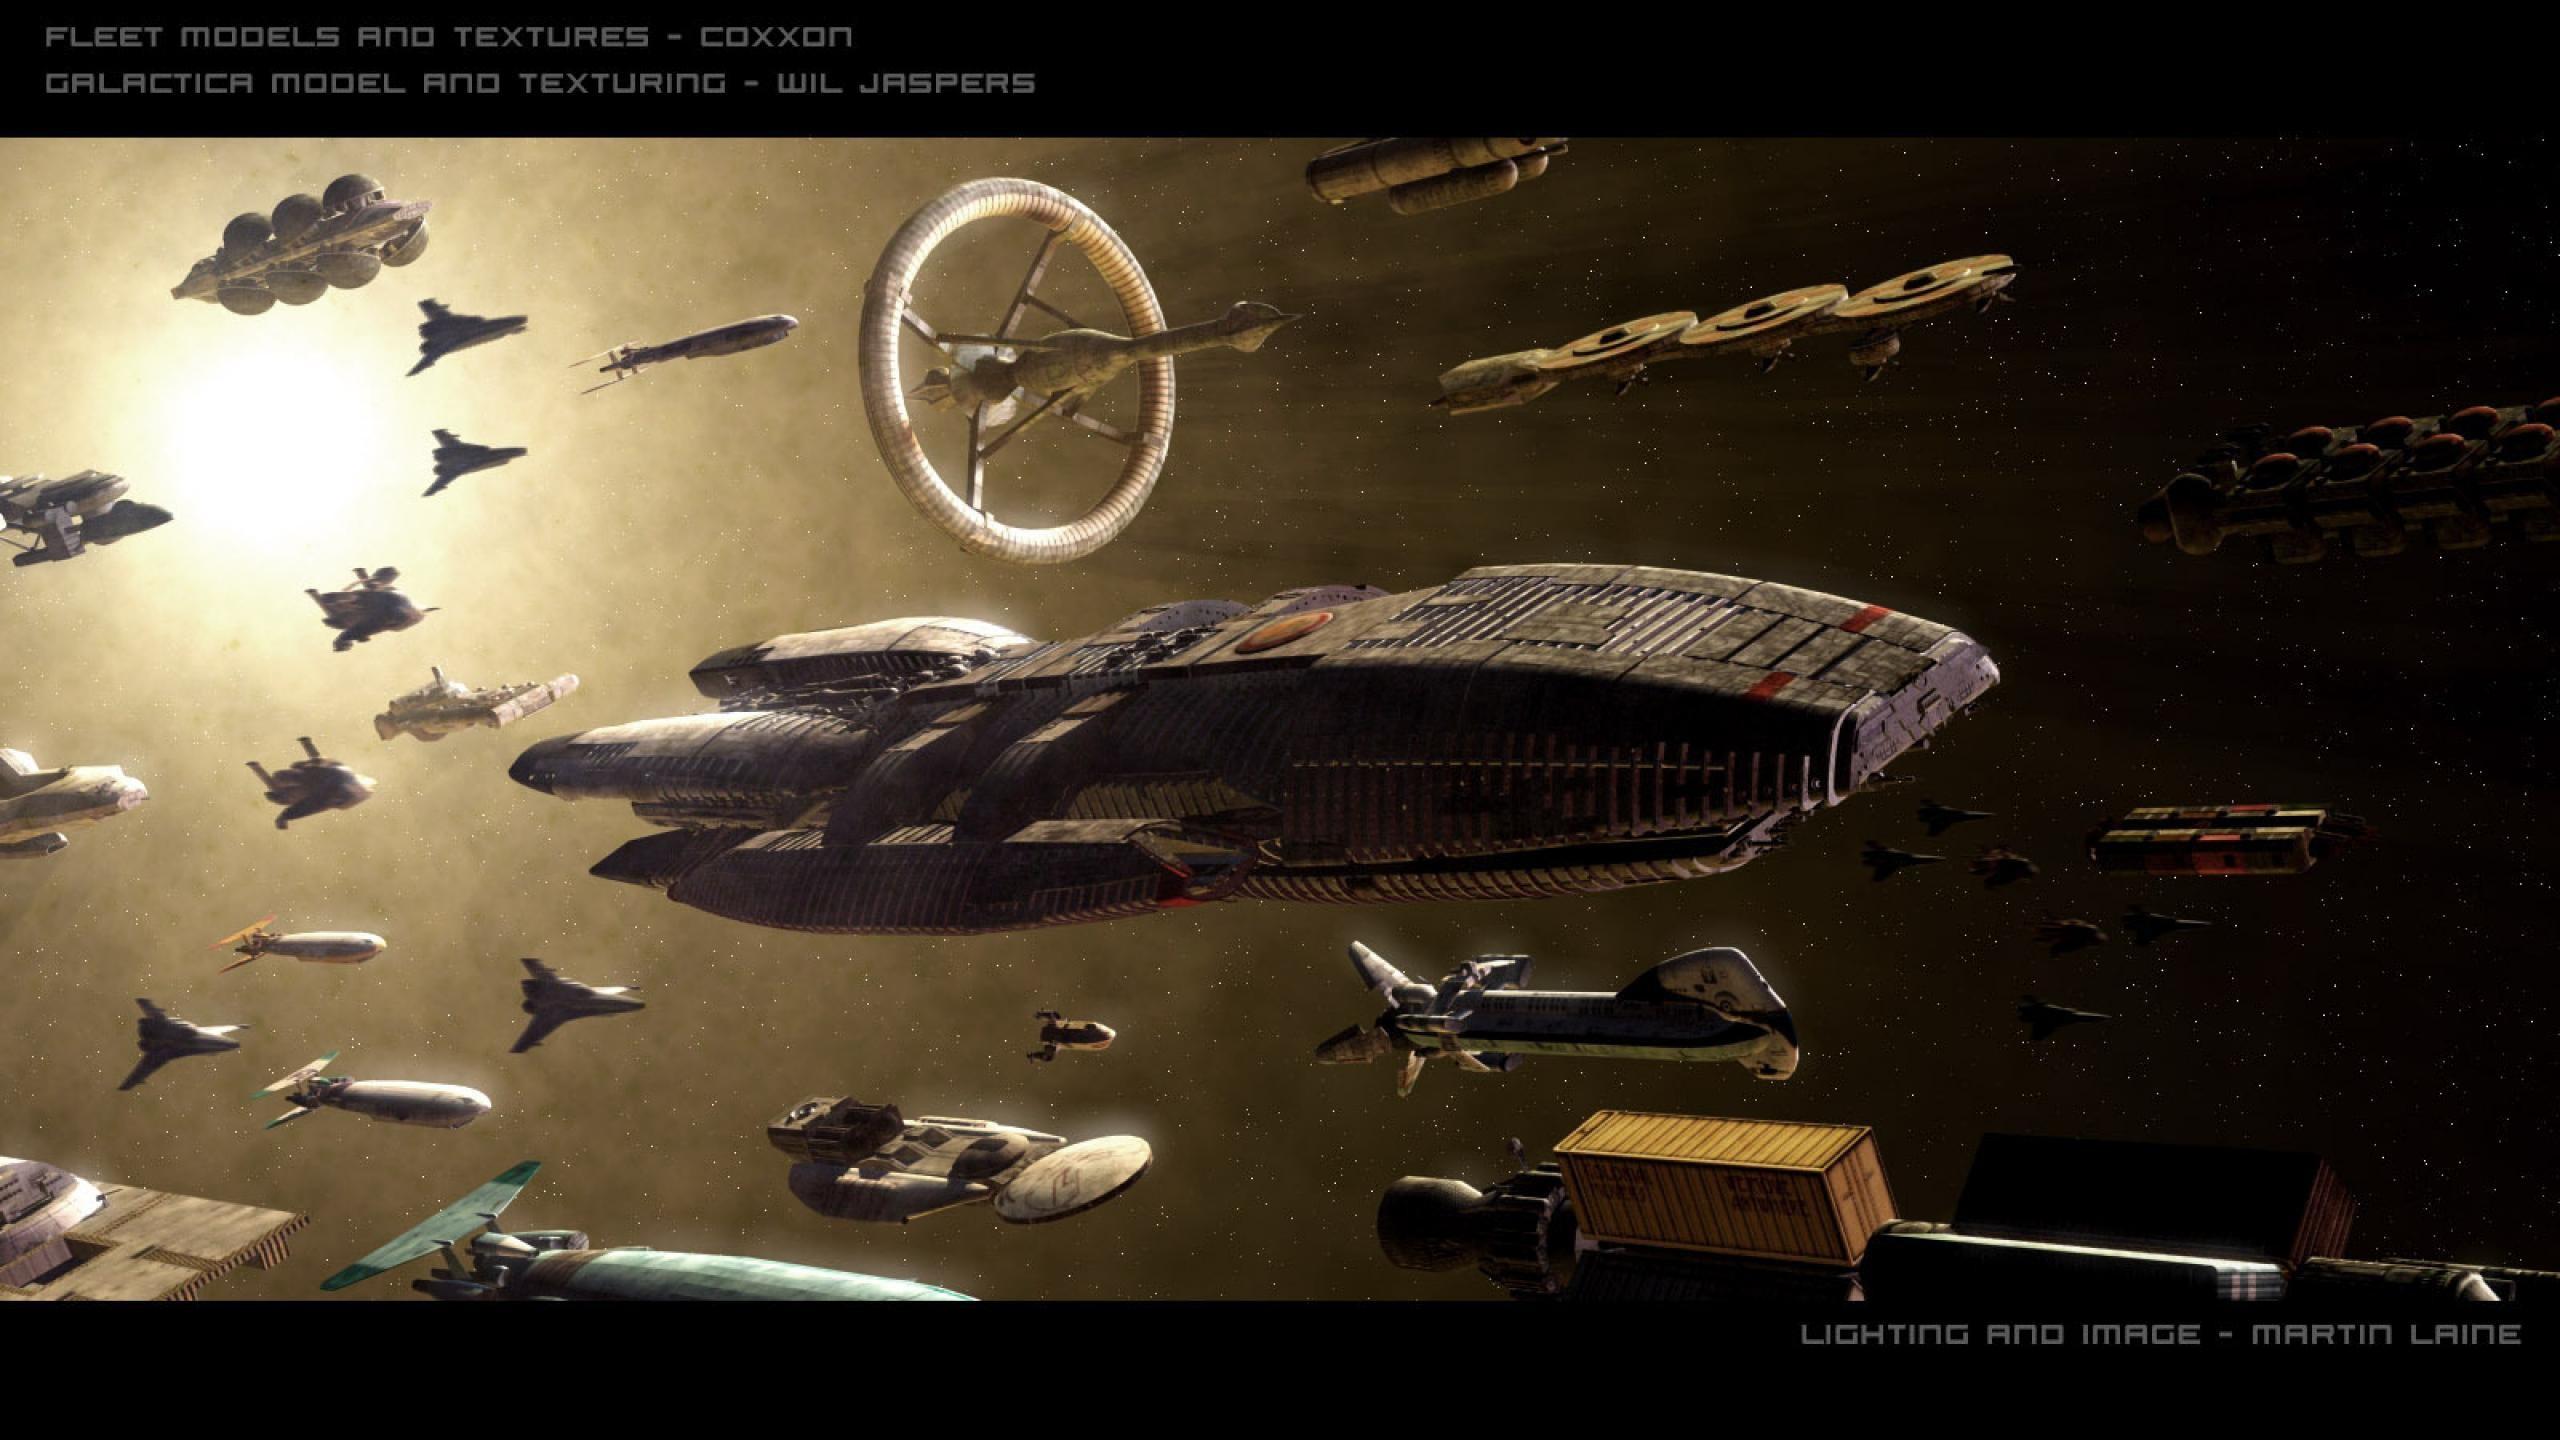 the caravan bsg fleet battlestar galactica #mQ8